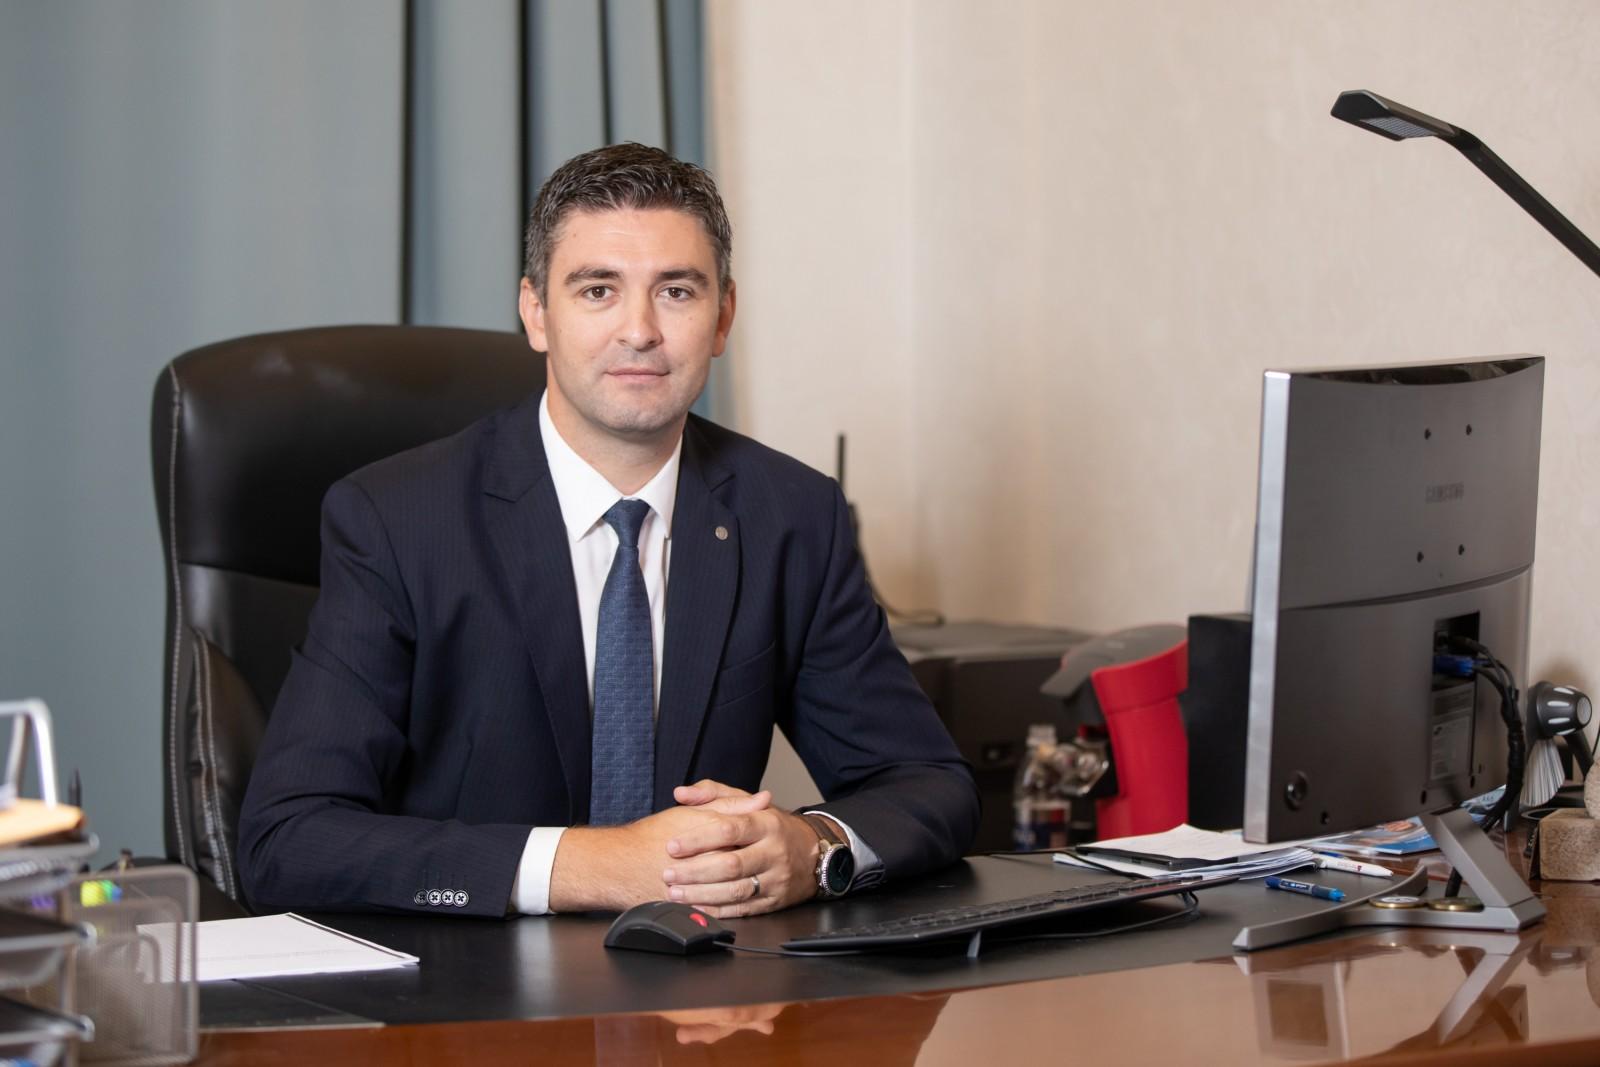 Gradonačelnik Mato Franković poručio sugrađanima: Pokažimo solidarnost i zajedništvo